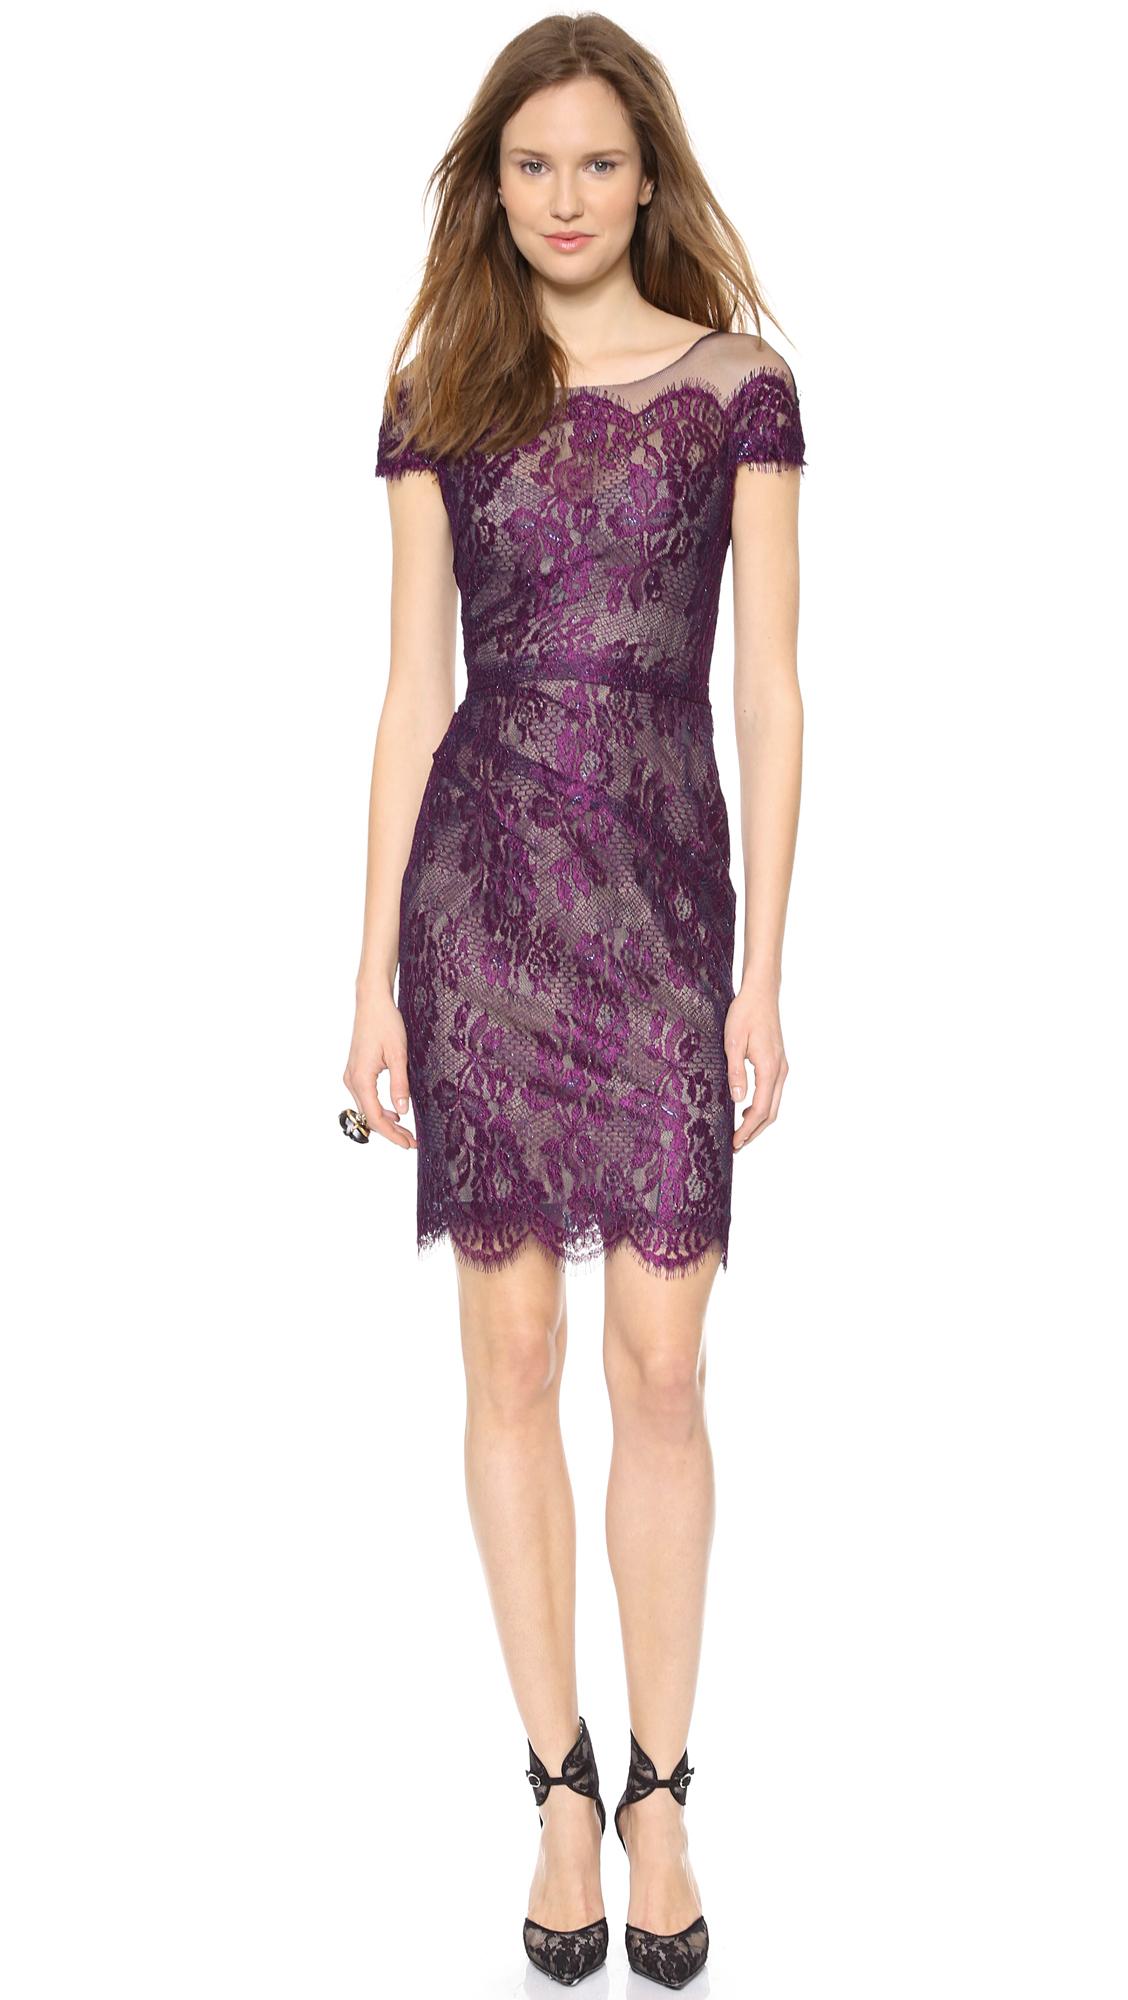 Monique Lhuillier Illusion Chantilly Lace Dress Amethyst